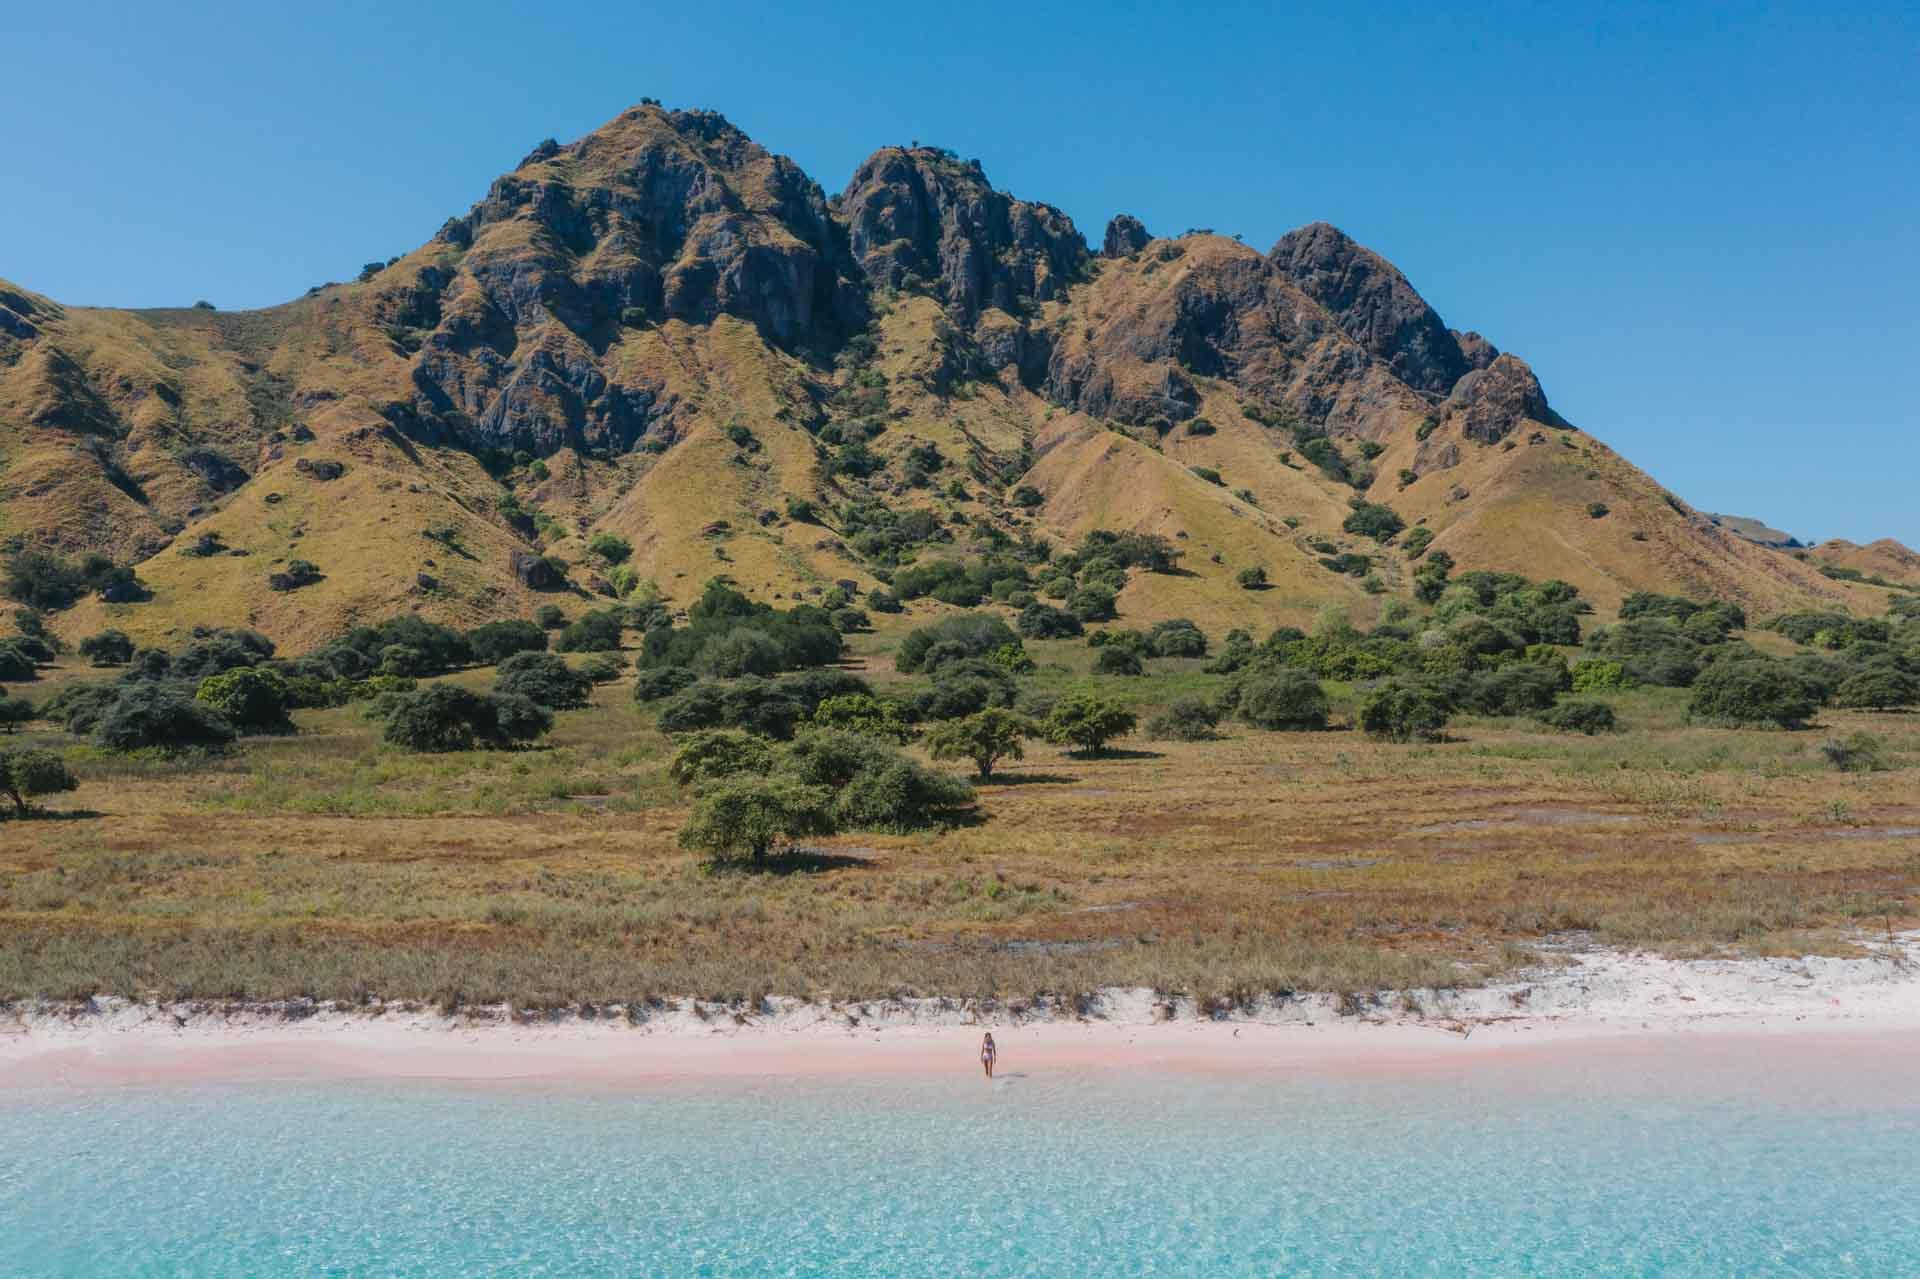 padar island, pulau padar, padar island indonesia, padar island hike, padar viewpoint, padar hike, padar island viewpoint, pink beach padar